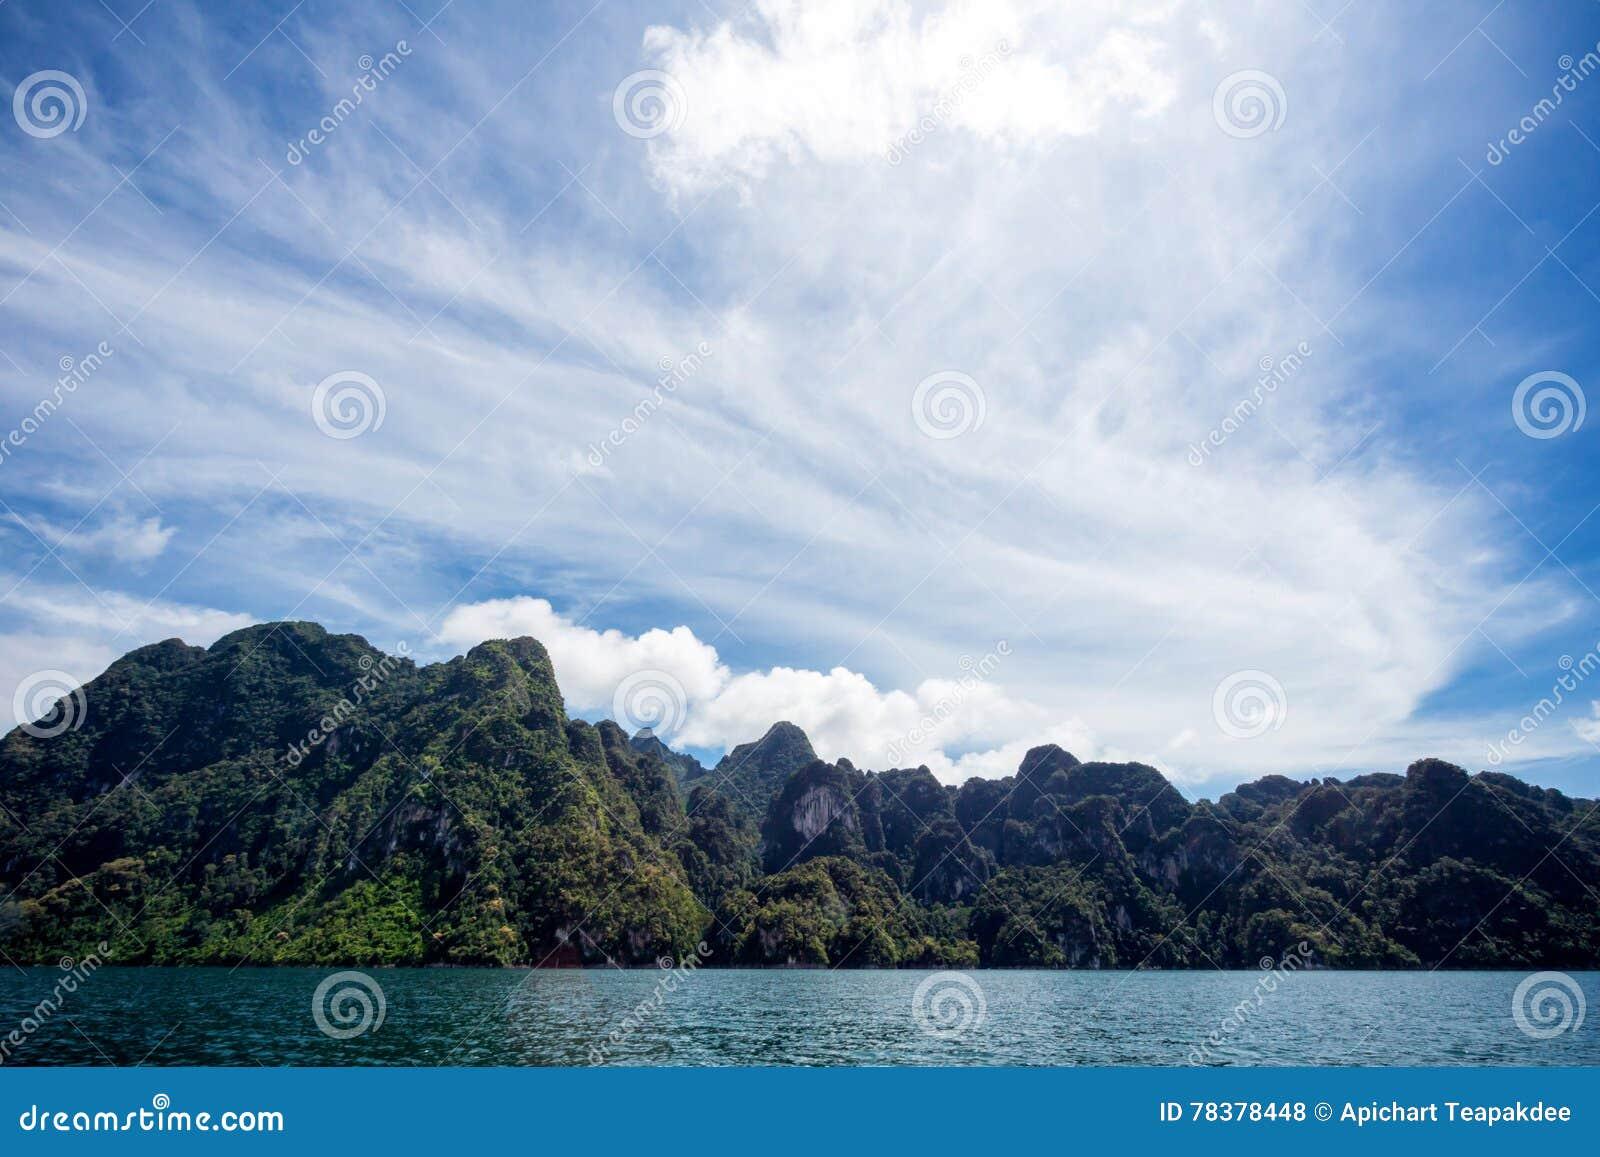 description mountain river natural - photo #30